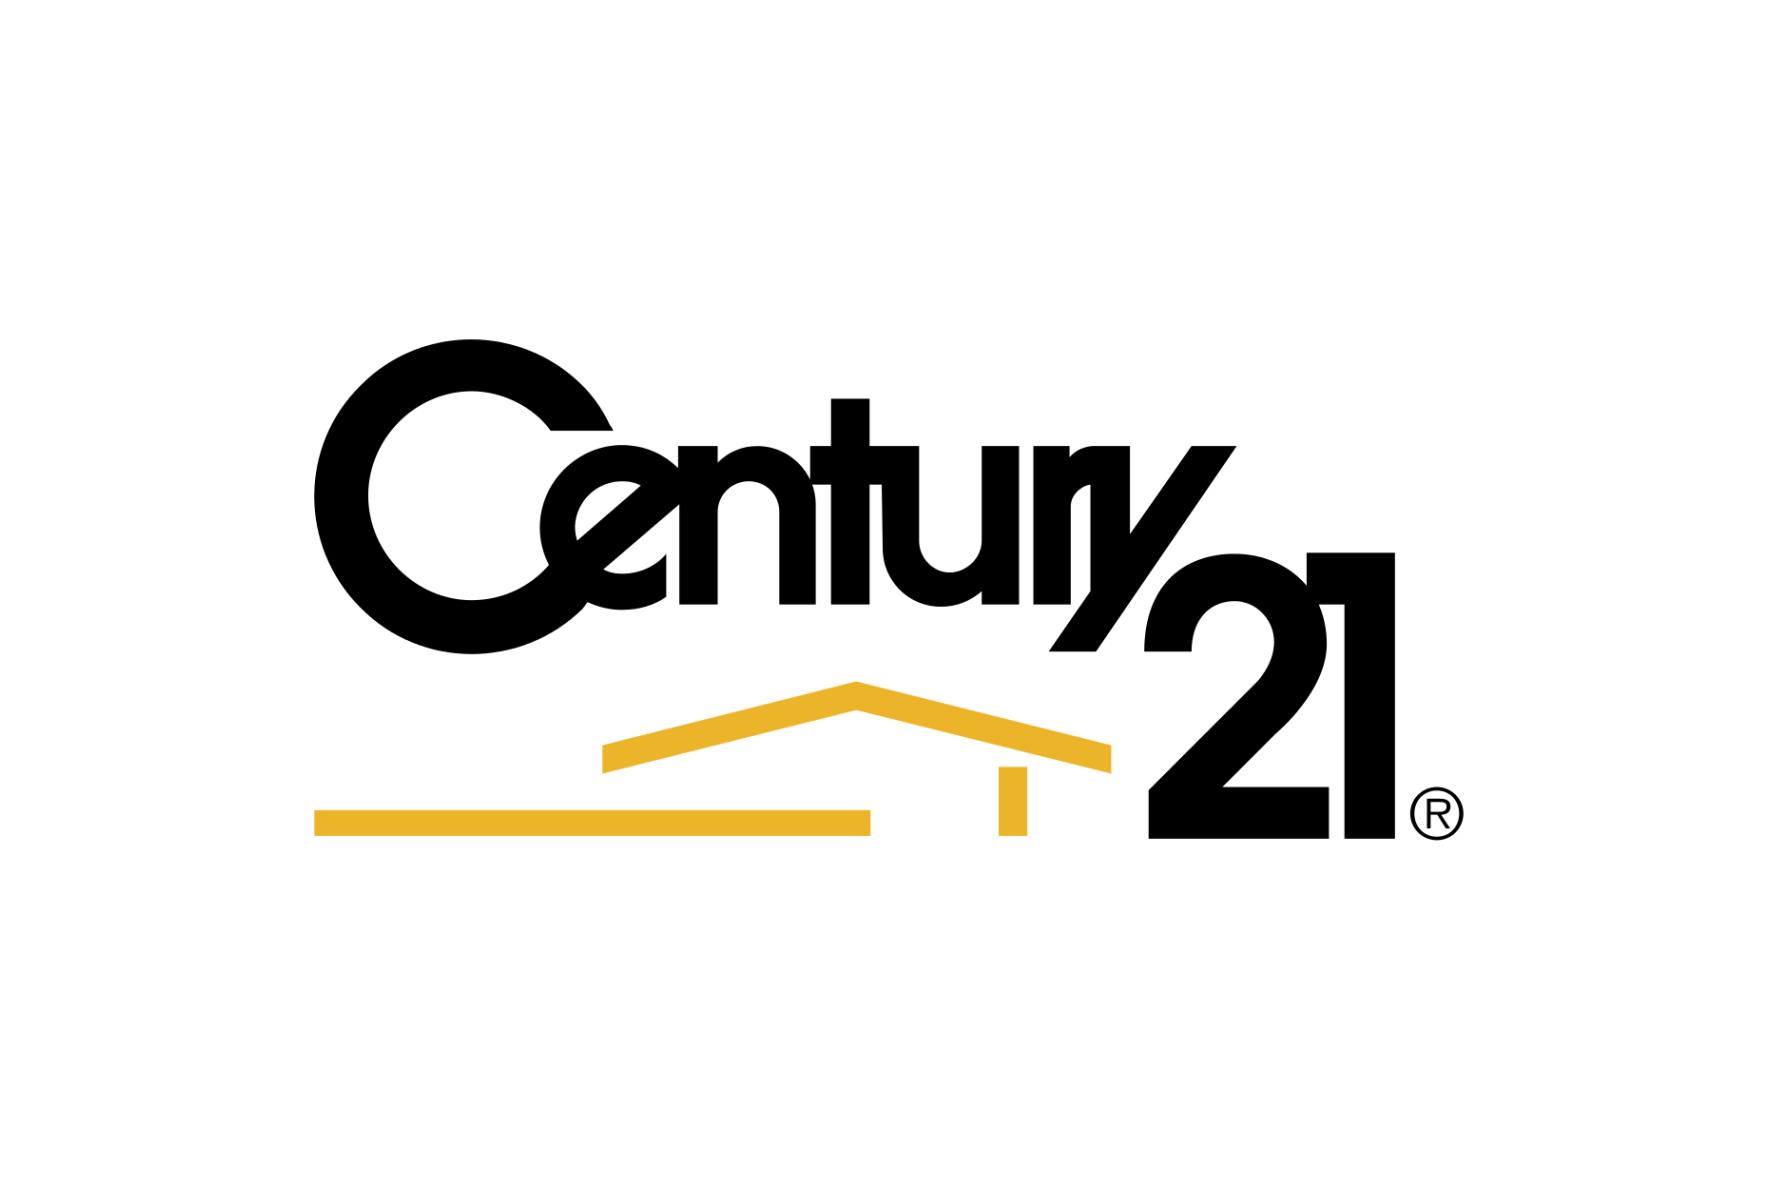 agencia inmobiliaria century 21 logo